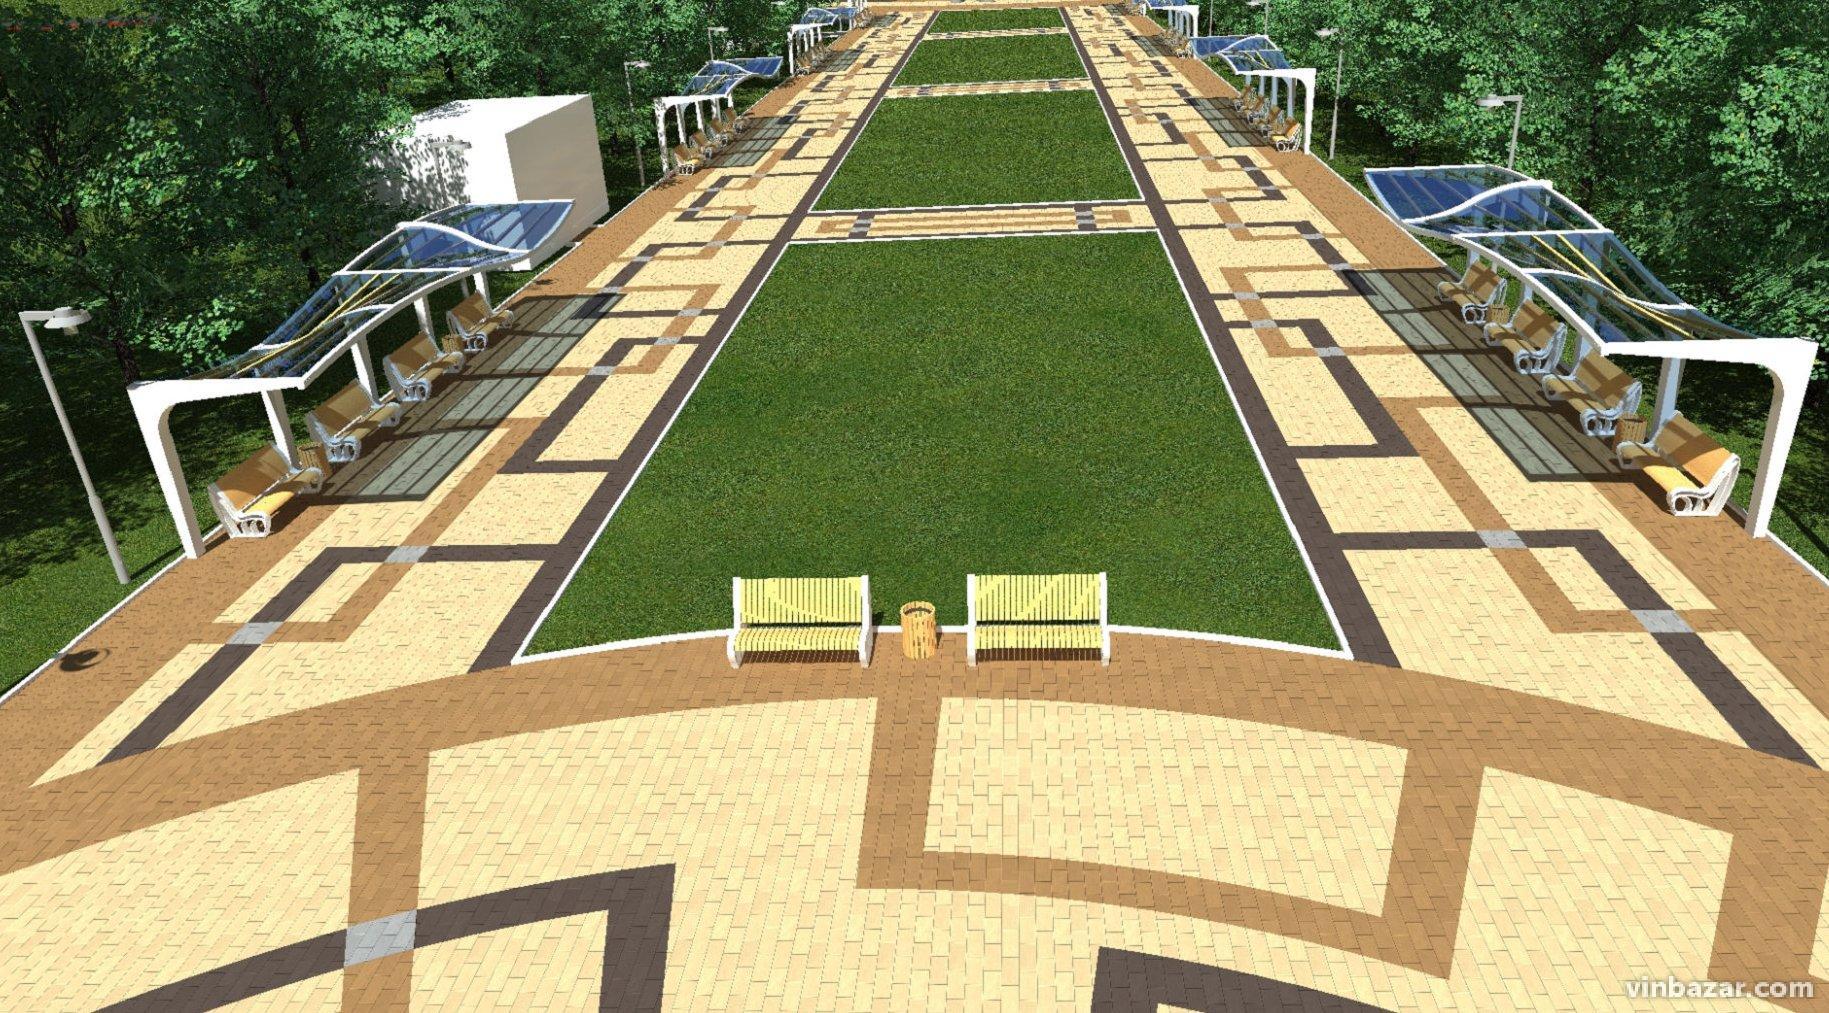 В 2020 році планують реконструювати парк Дружби народів. Проект (Фото)